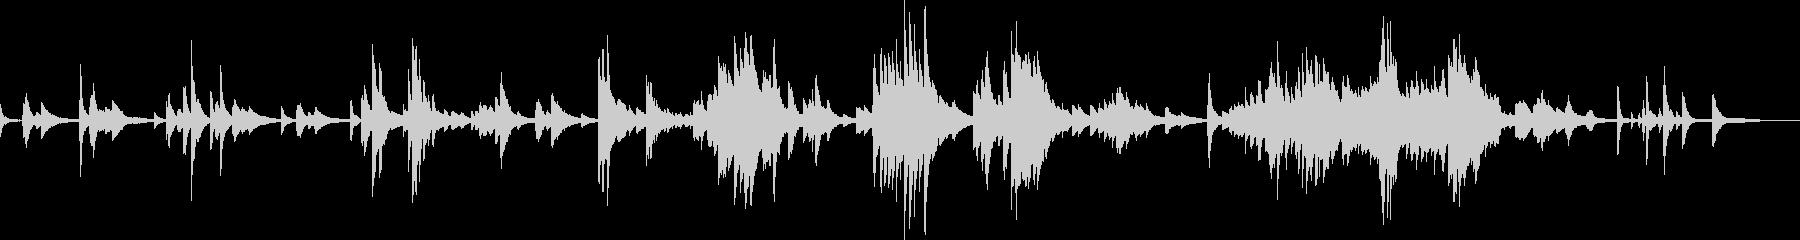 儚く切ないピアノバラード(悲しい・暗い)の未再生の波形